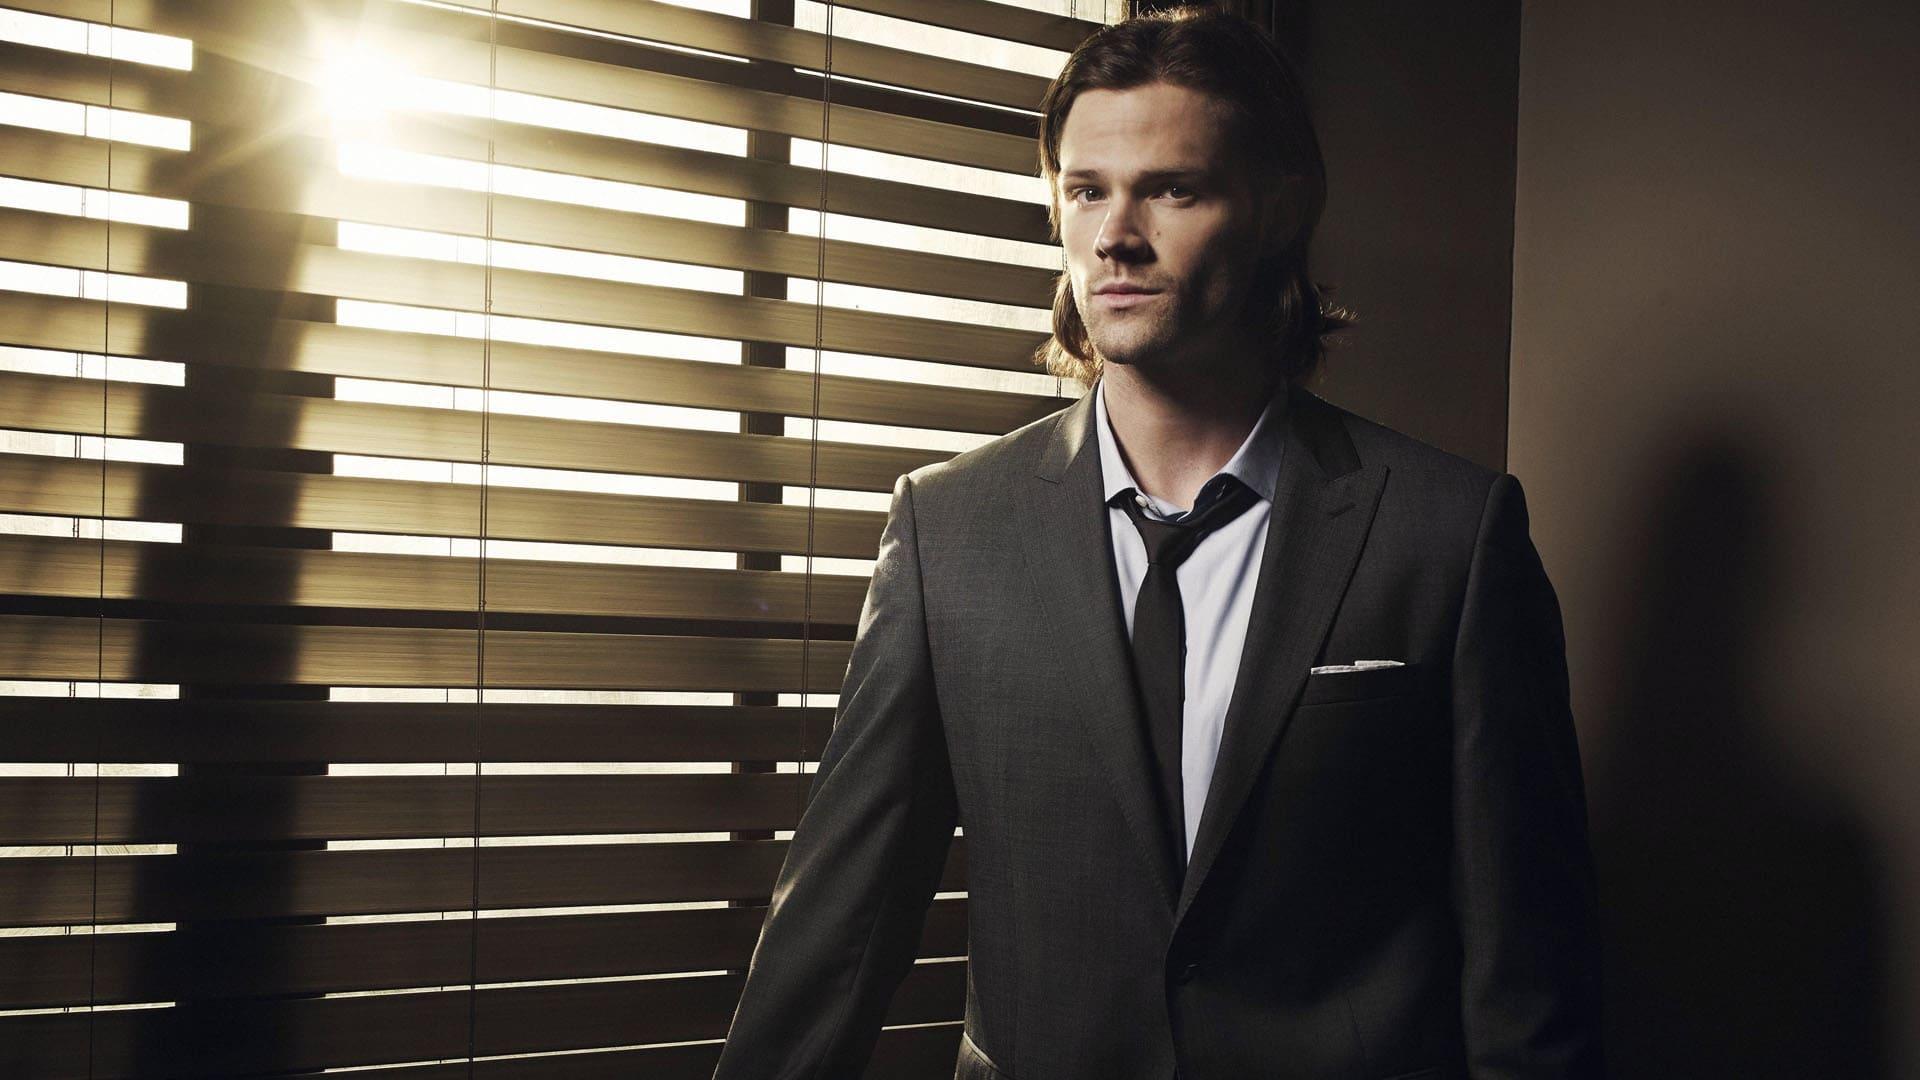 Supernatural - Season 4 Episode 12 Criss Angel Is A Douchebag